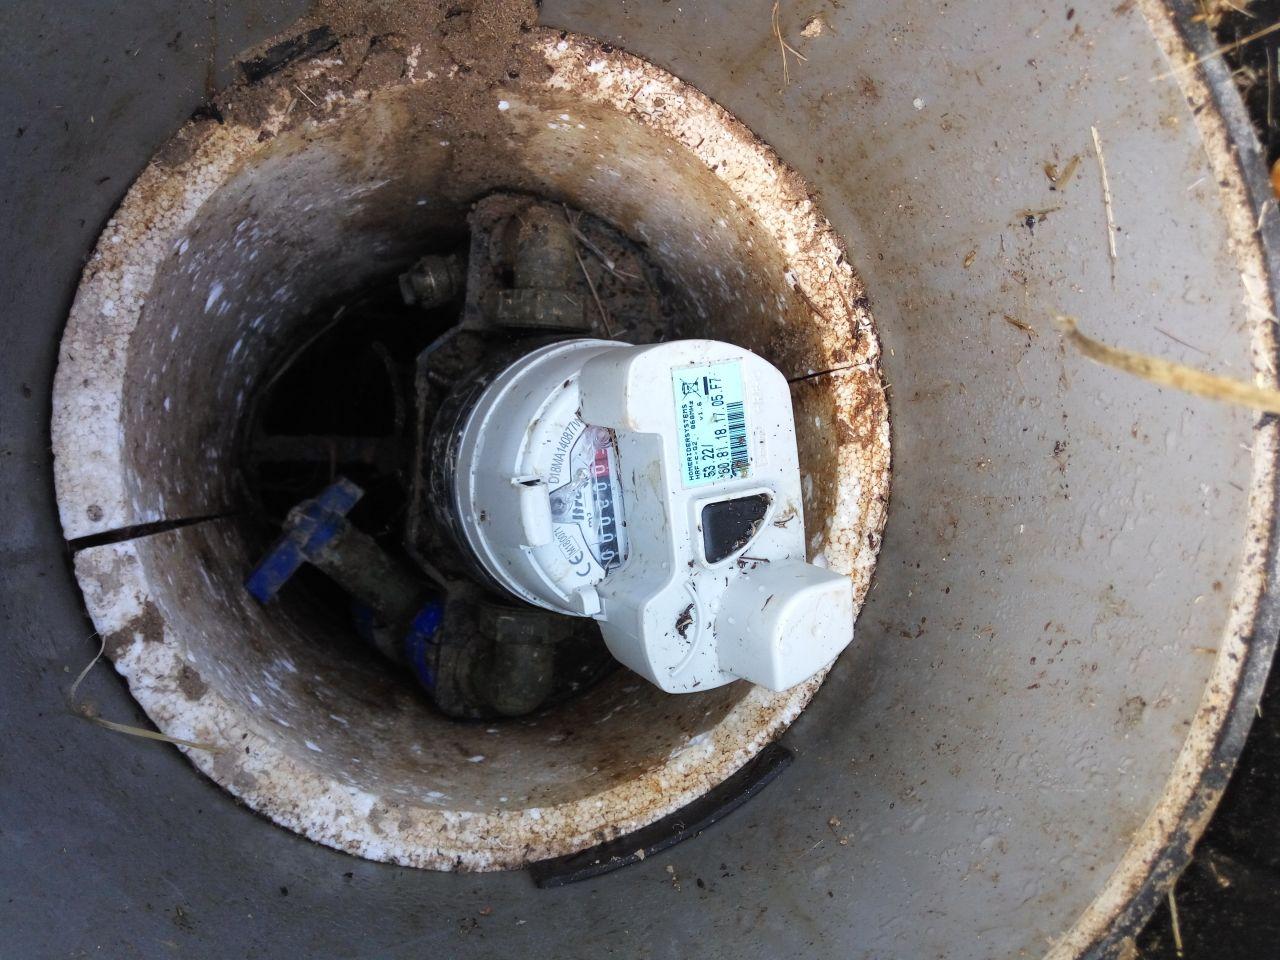 compteur d'eau installé par Véolia